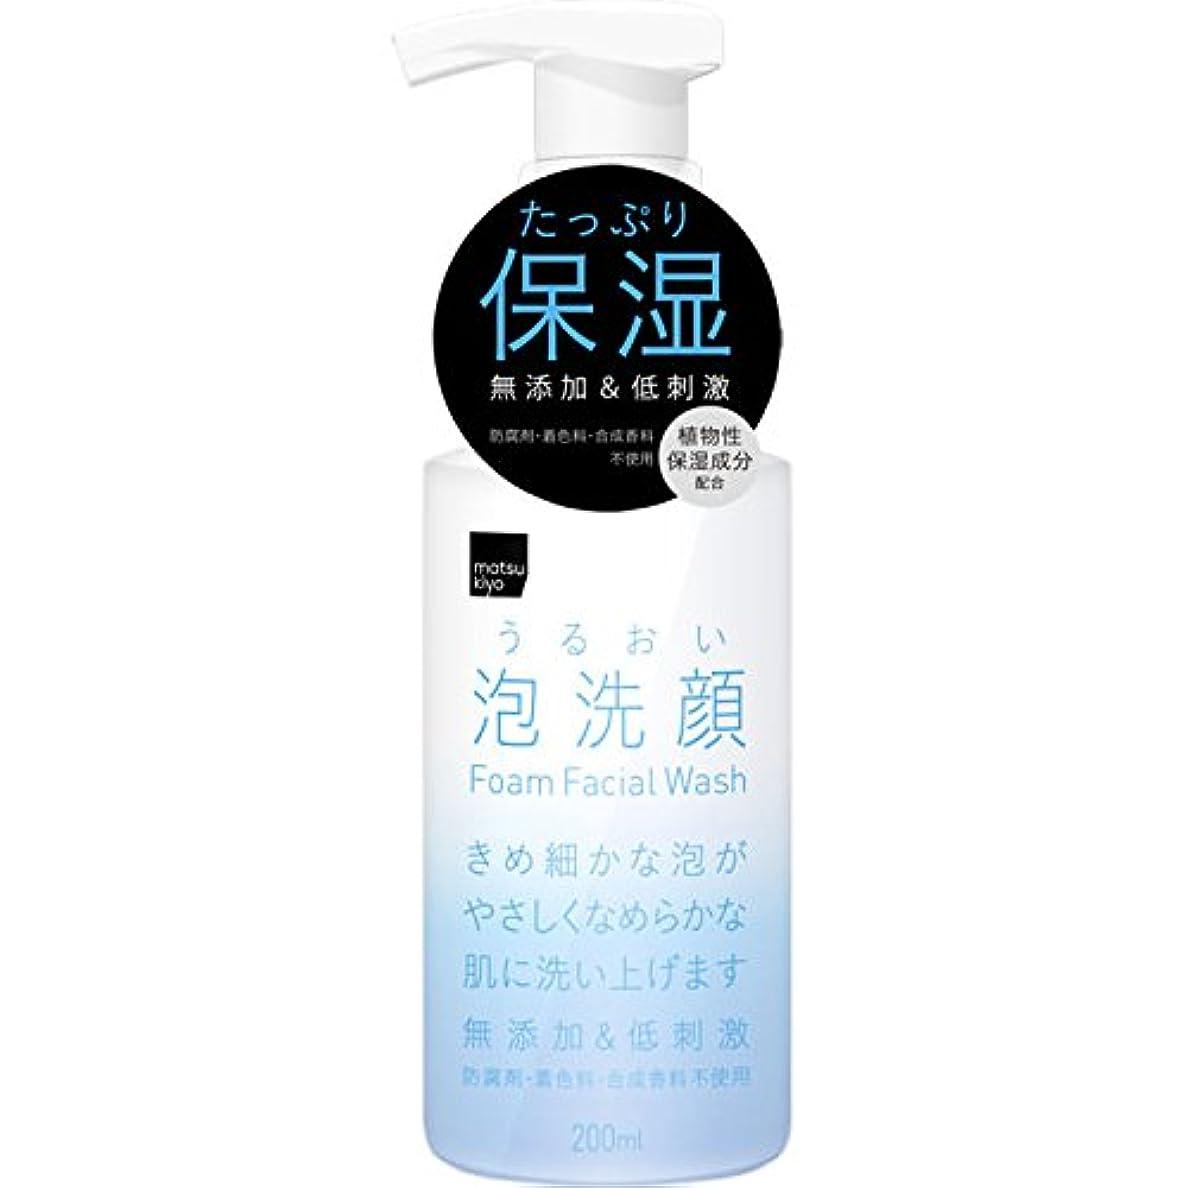 全国恐れ同化する熊野油脂 matsukiyo うるおい 泡洗顔 本体 200ml